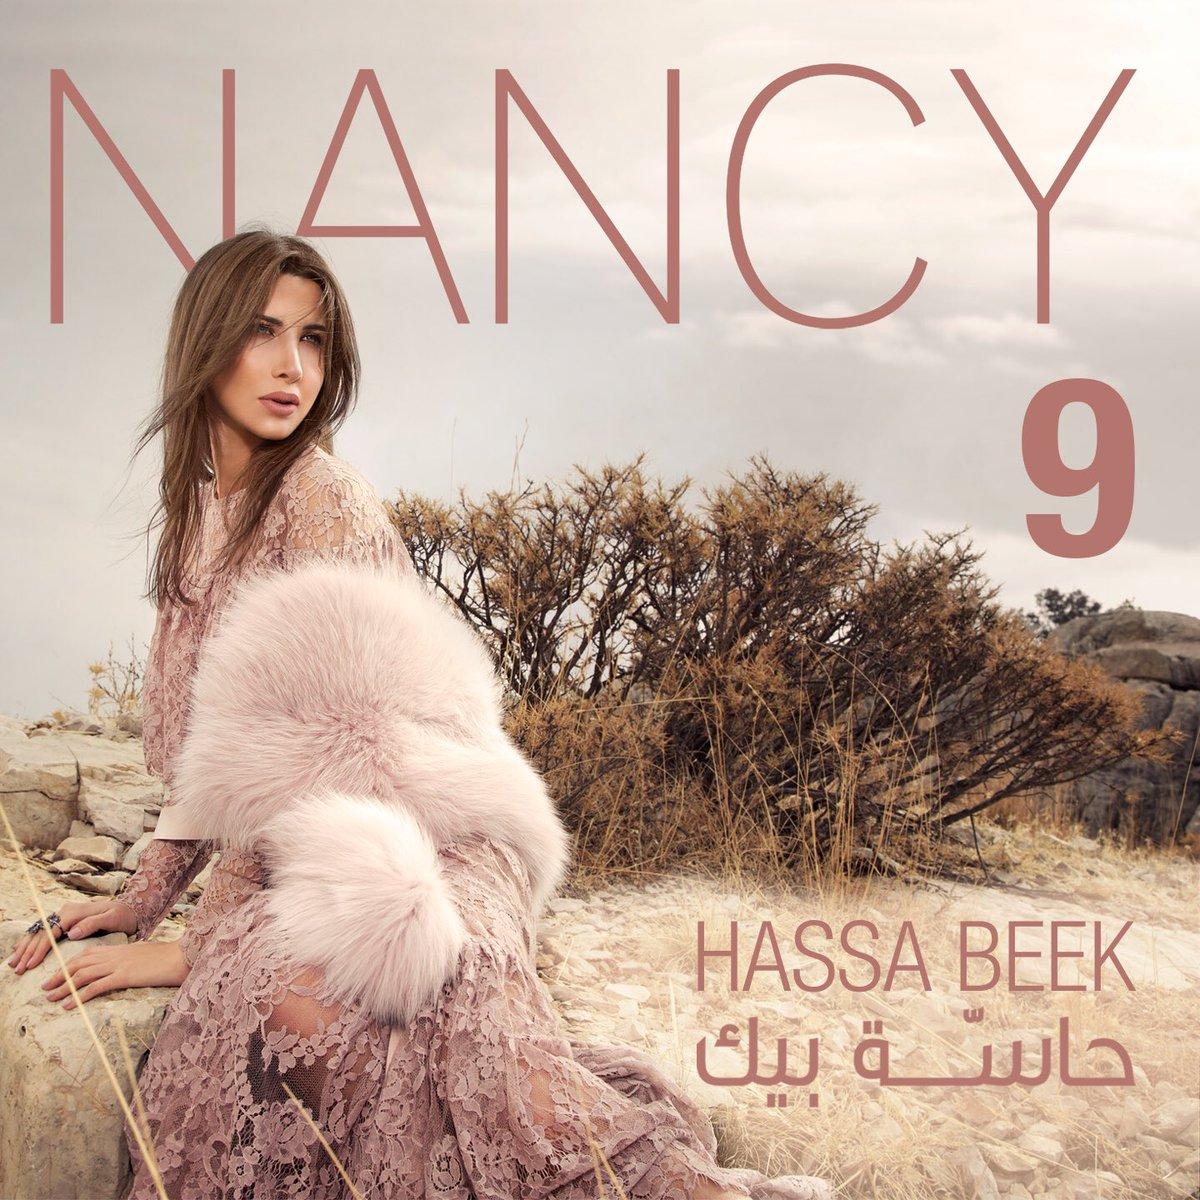 صورة نانسي عجرم تحدد موعد طرح ألبومها الجديد